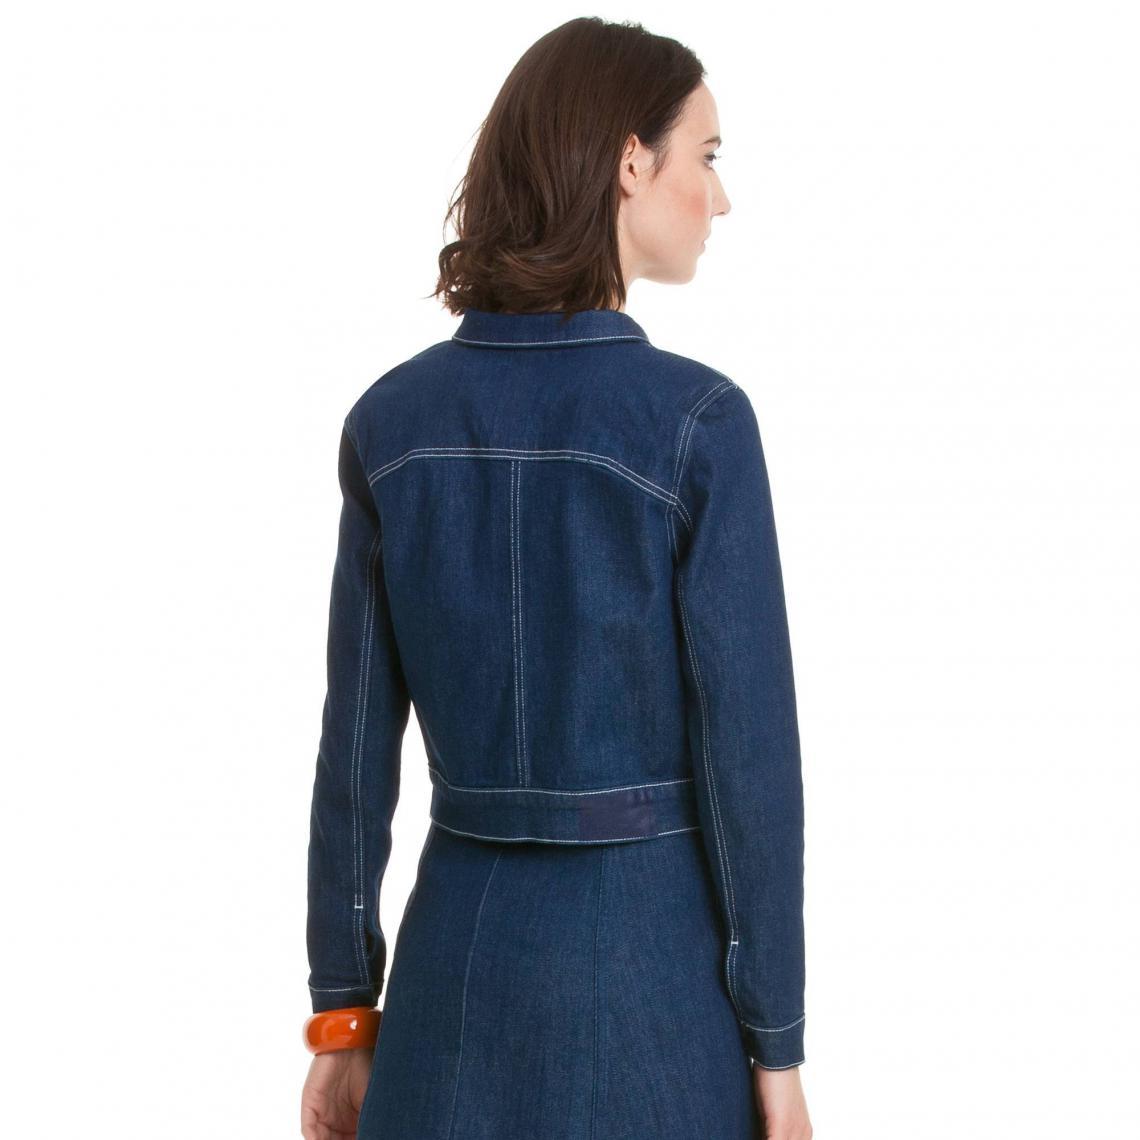 Veste en jean femme Reblc Calvin Klein - brut vintage   3Suisses 2b8bb6de2277